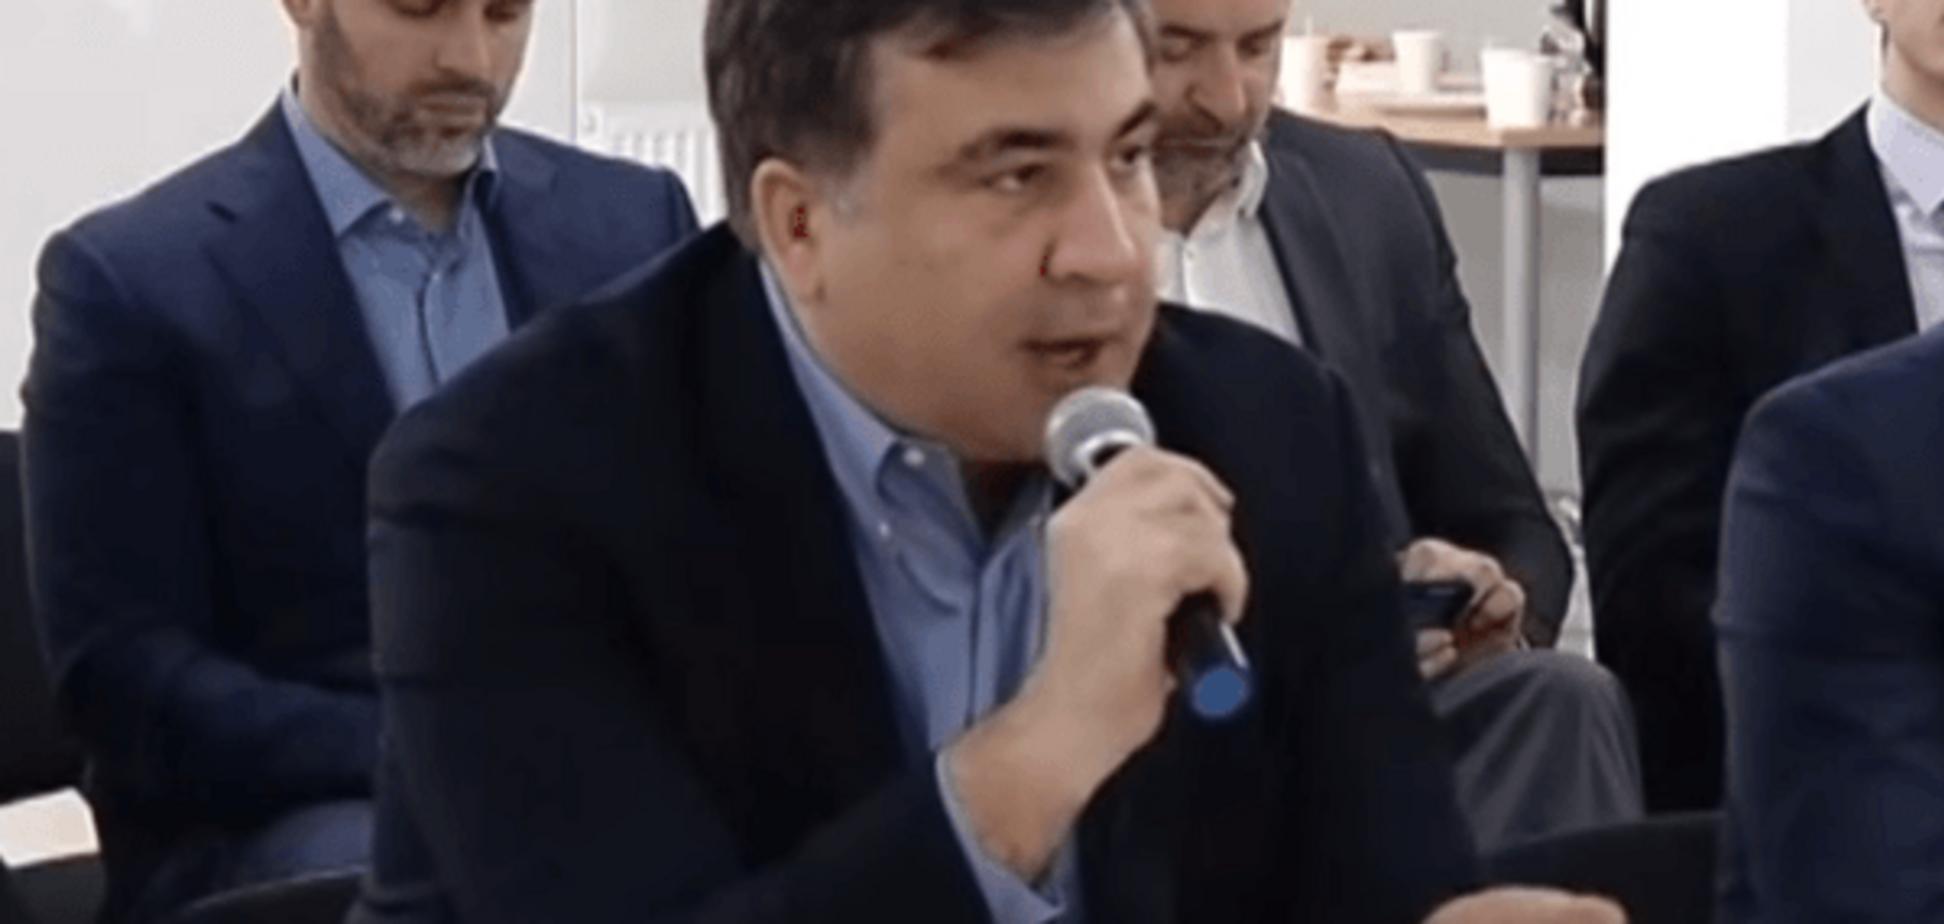 Шесть месяцев Саакашвили: СМИ показали роскошную жизнь губернатора